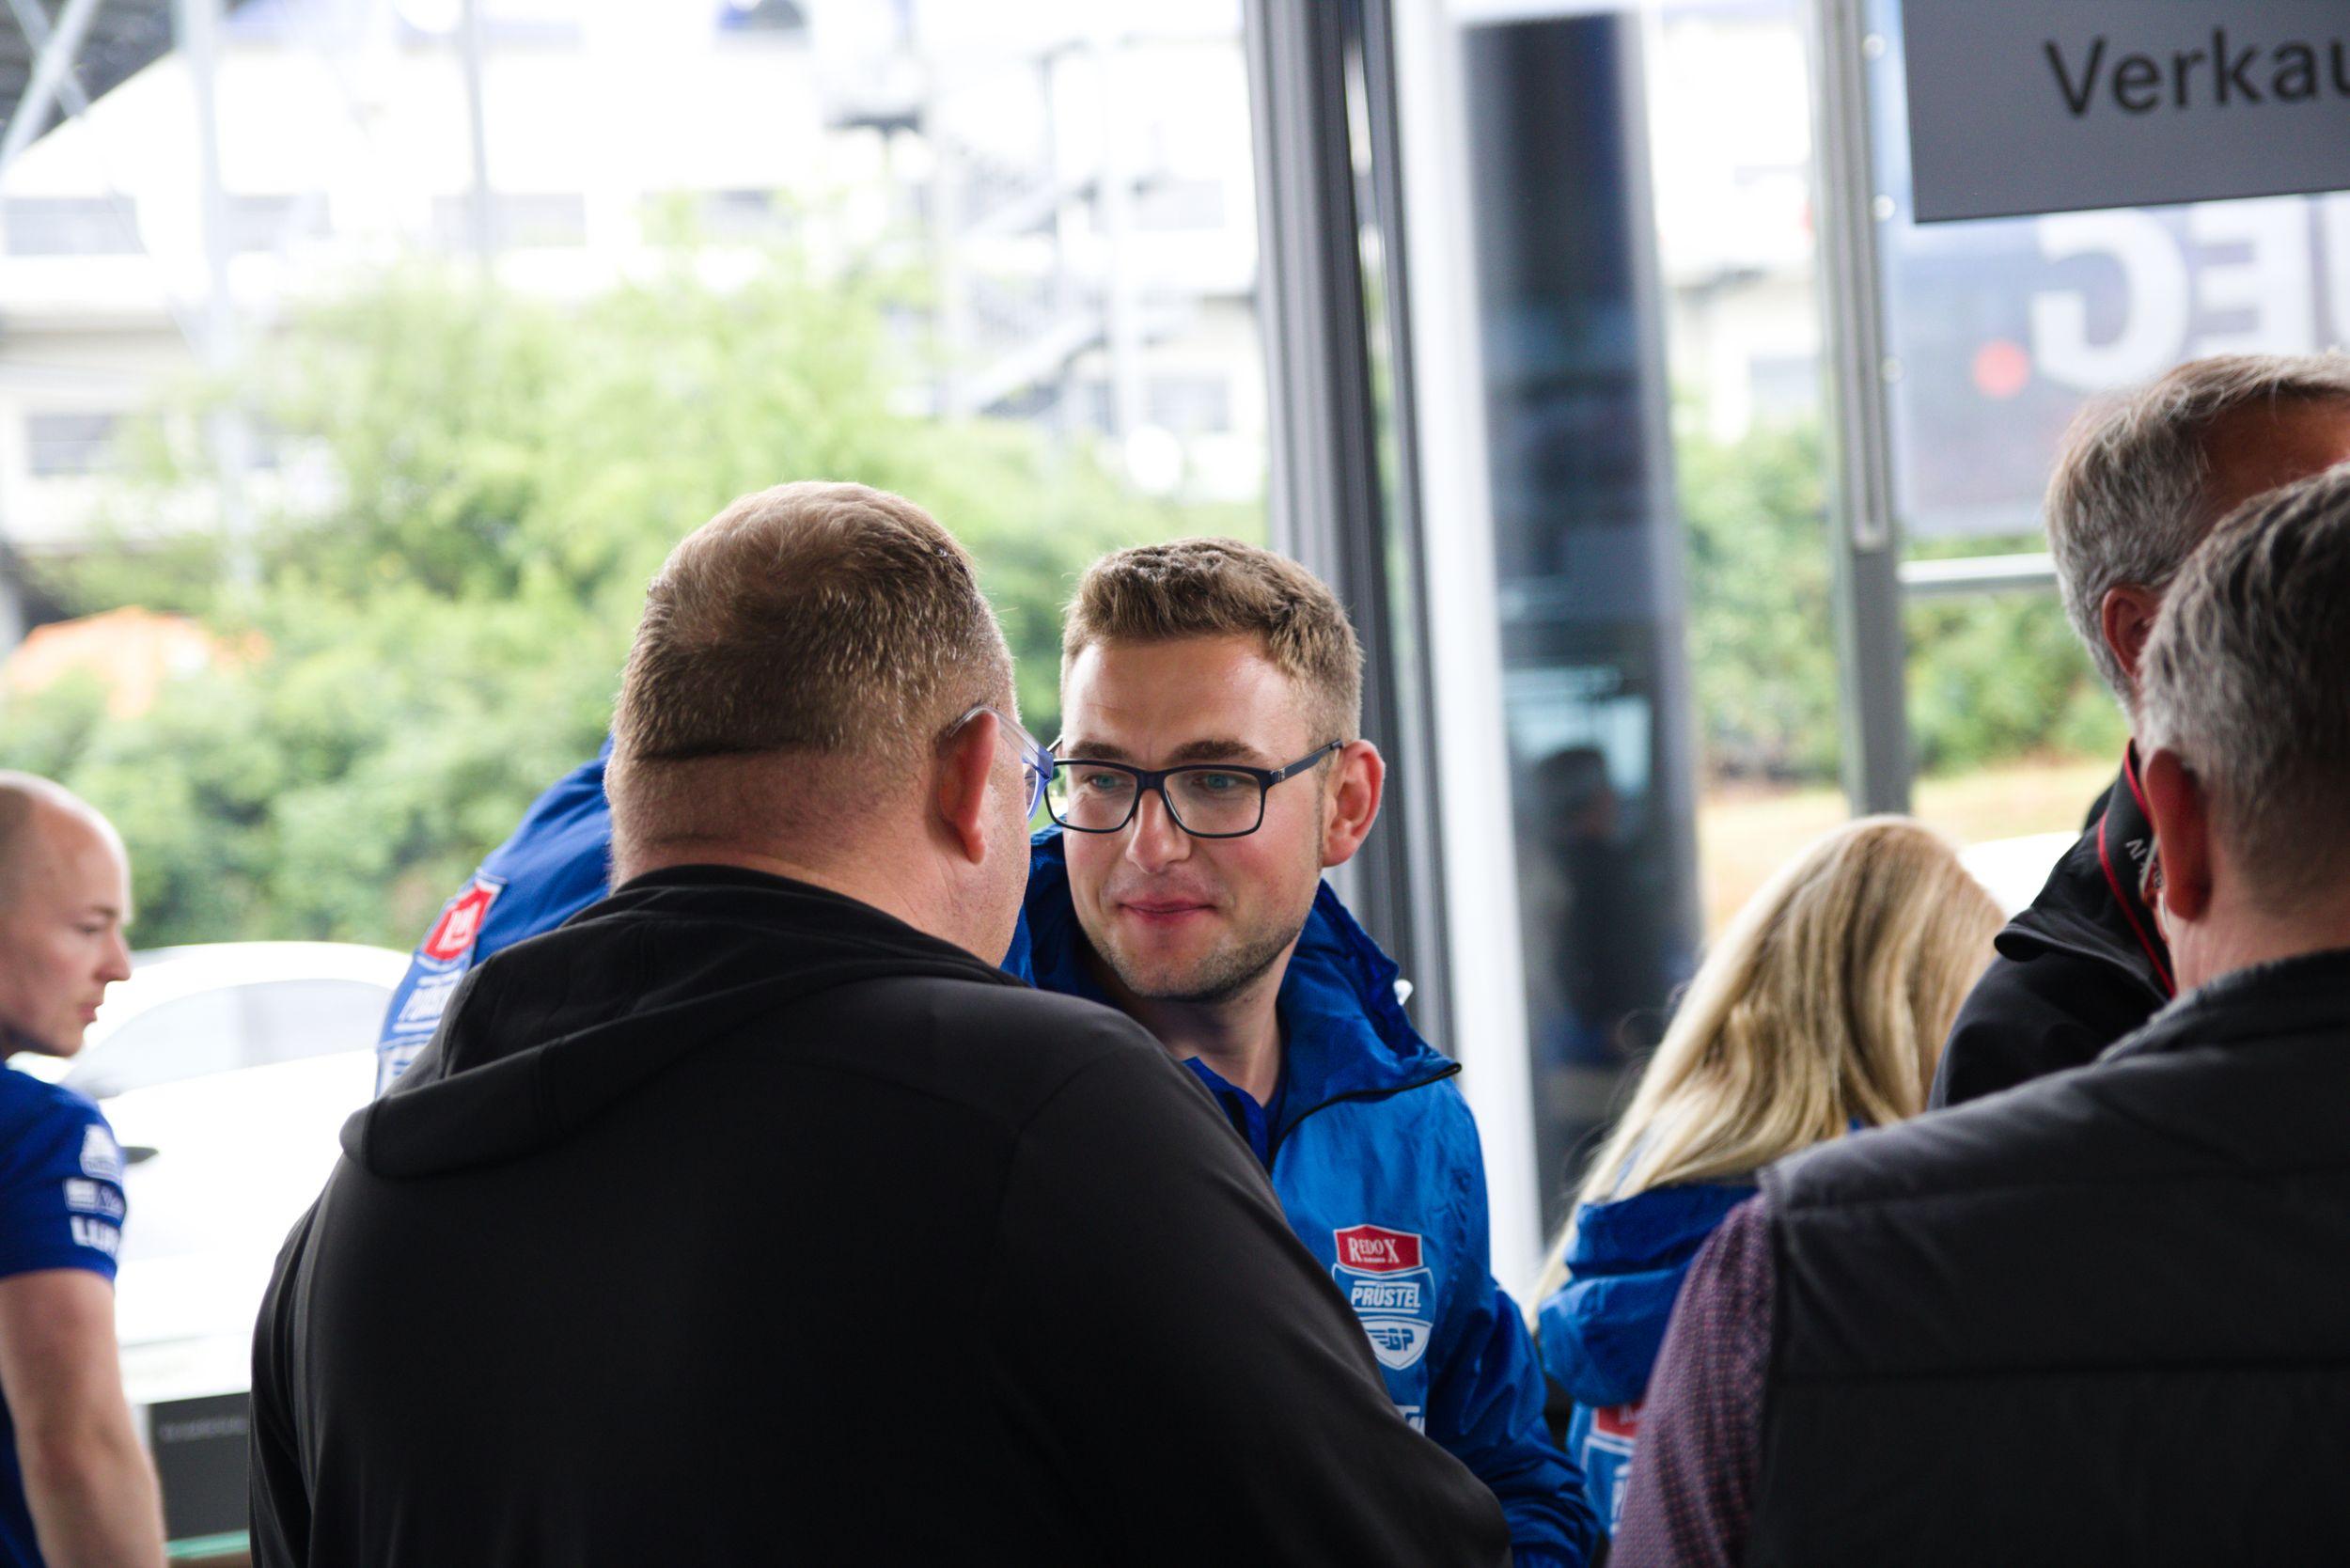 Florian Prüstel - PrüstelGP Autogrammstunde am Sachsenring 2018